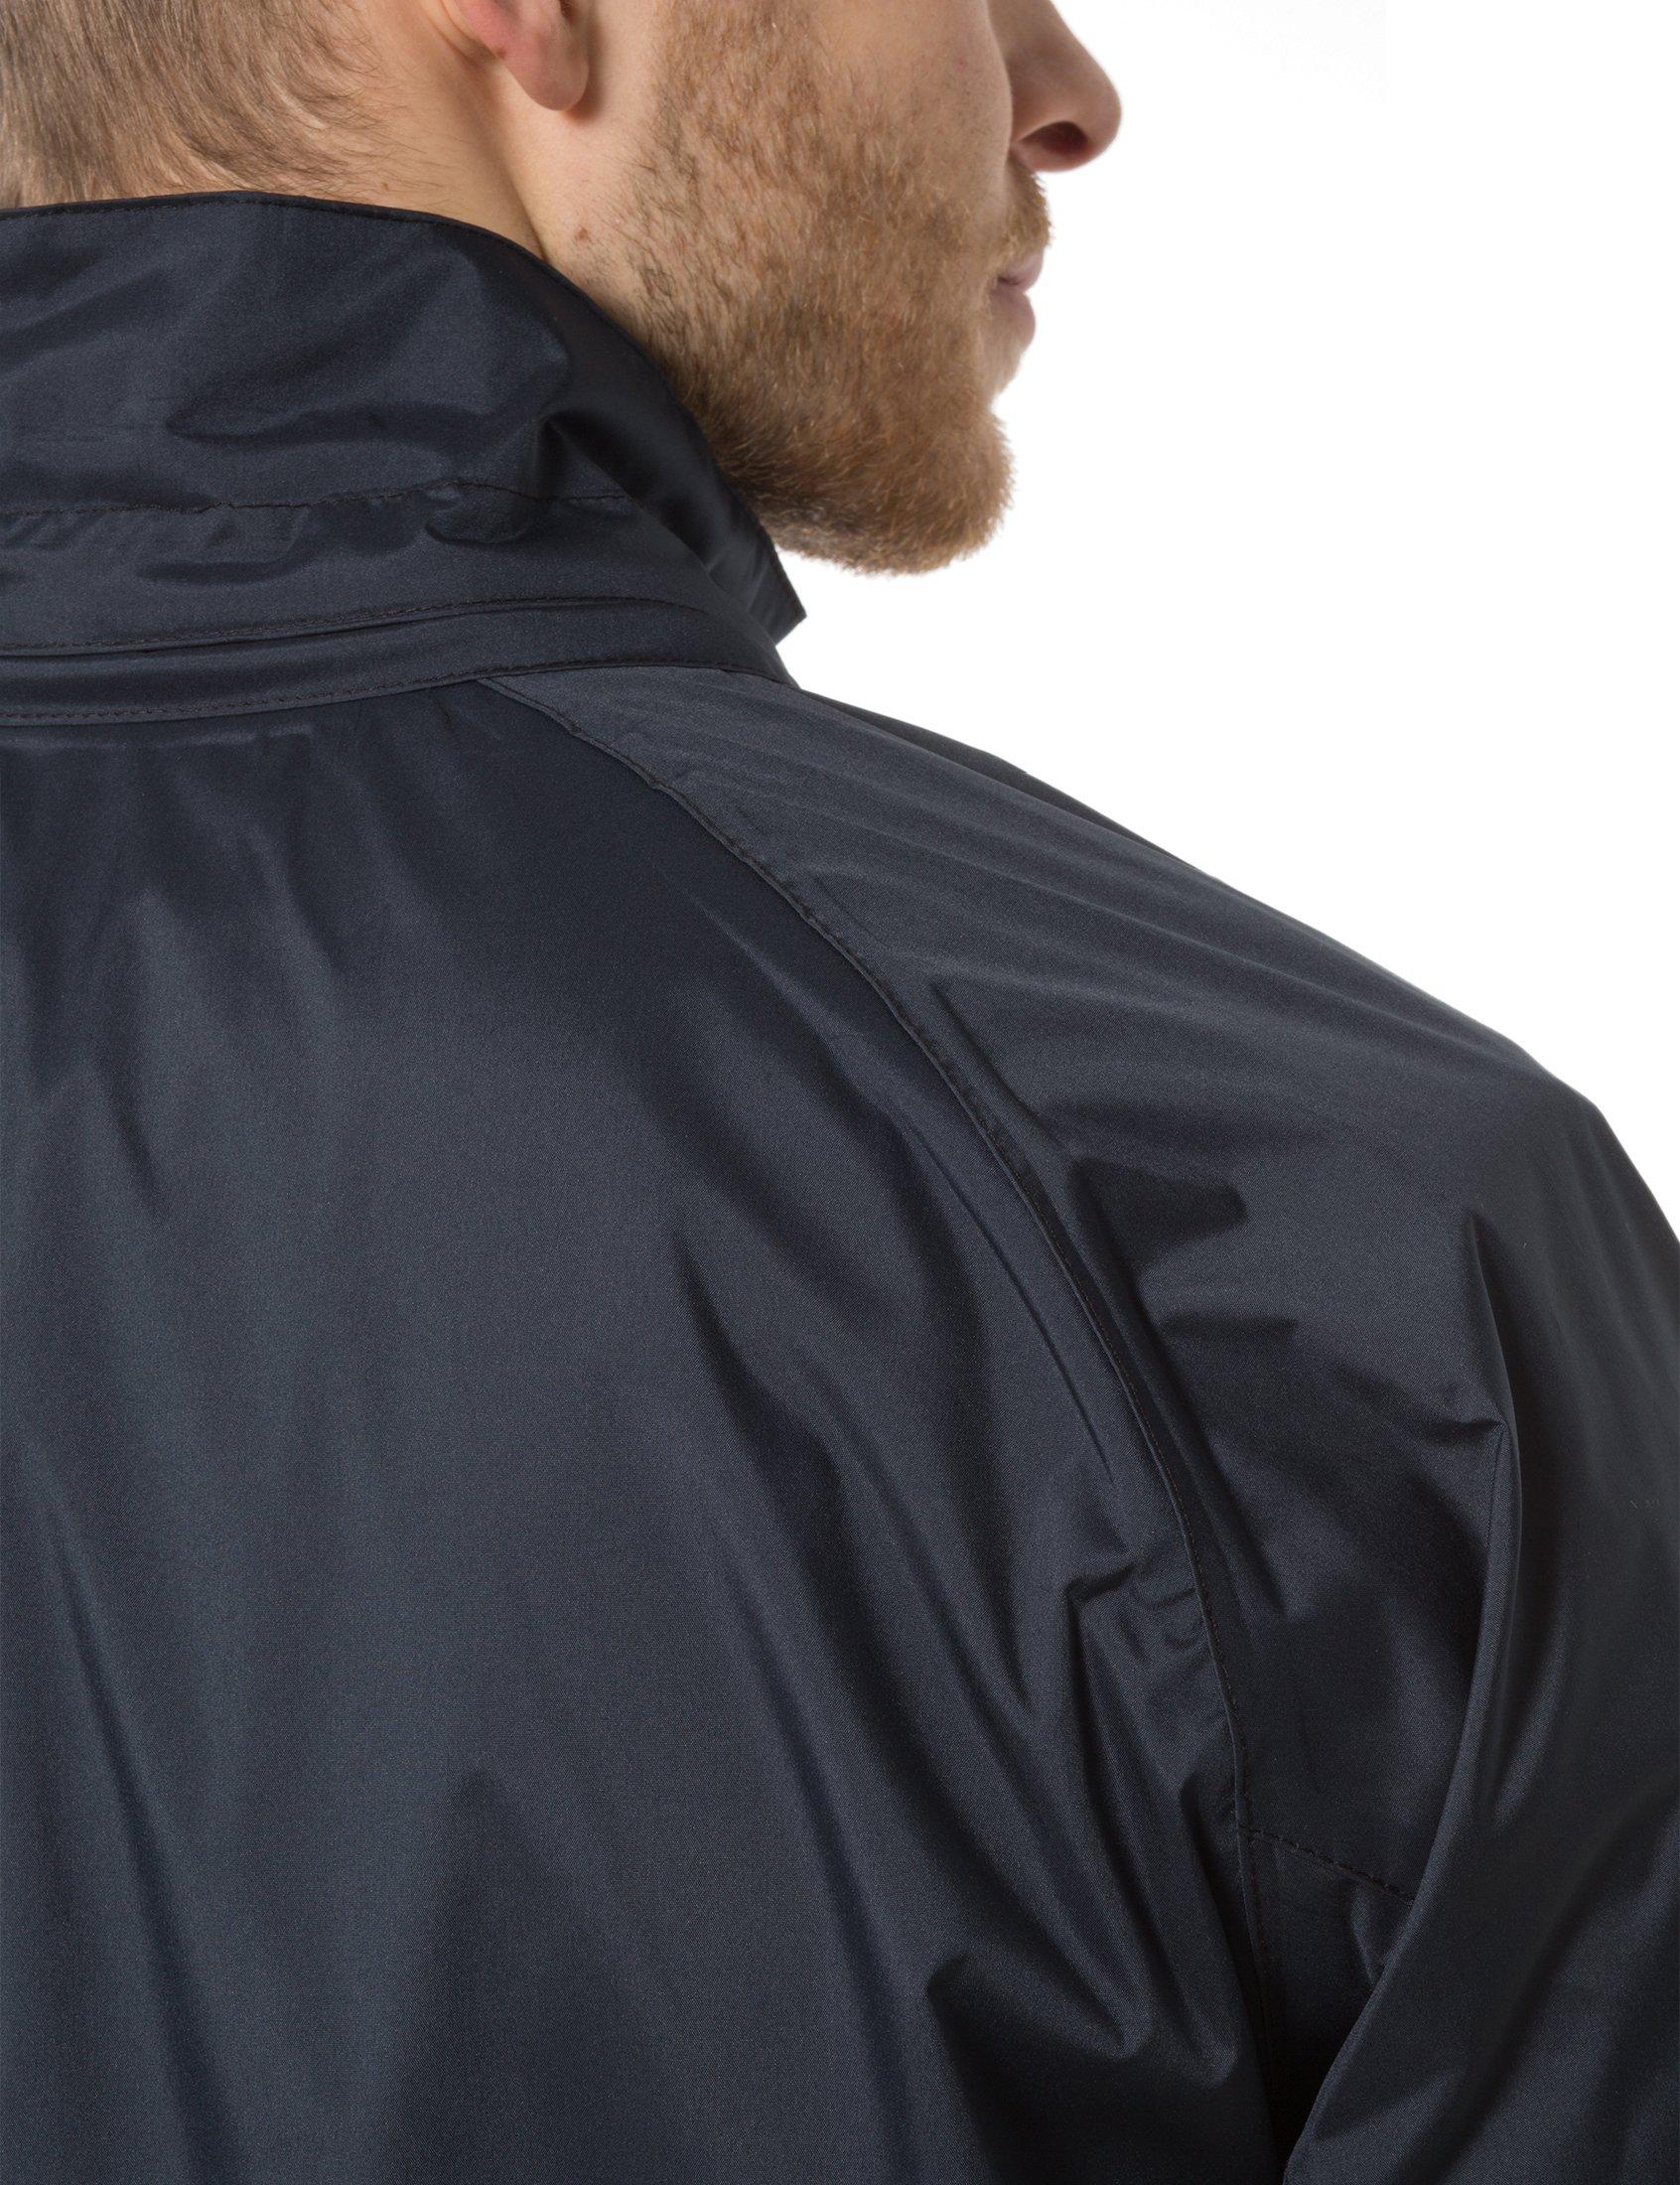 Ultrasport Ensemble vêtements imperméables pour homme Tenue étanche noire Ultraflow 10 000 Veste imperméable pour homme Sur pantalon de pluie